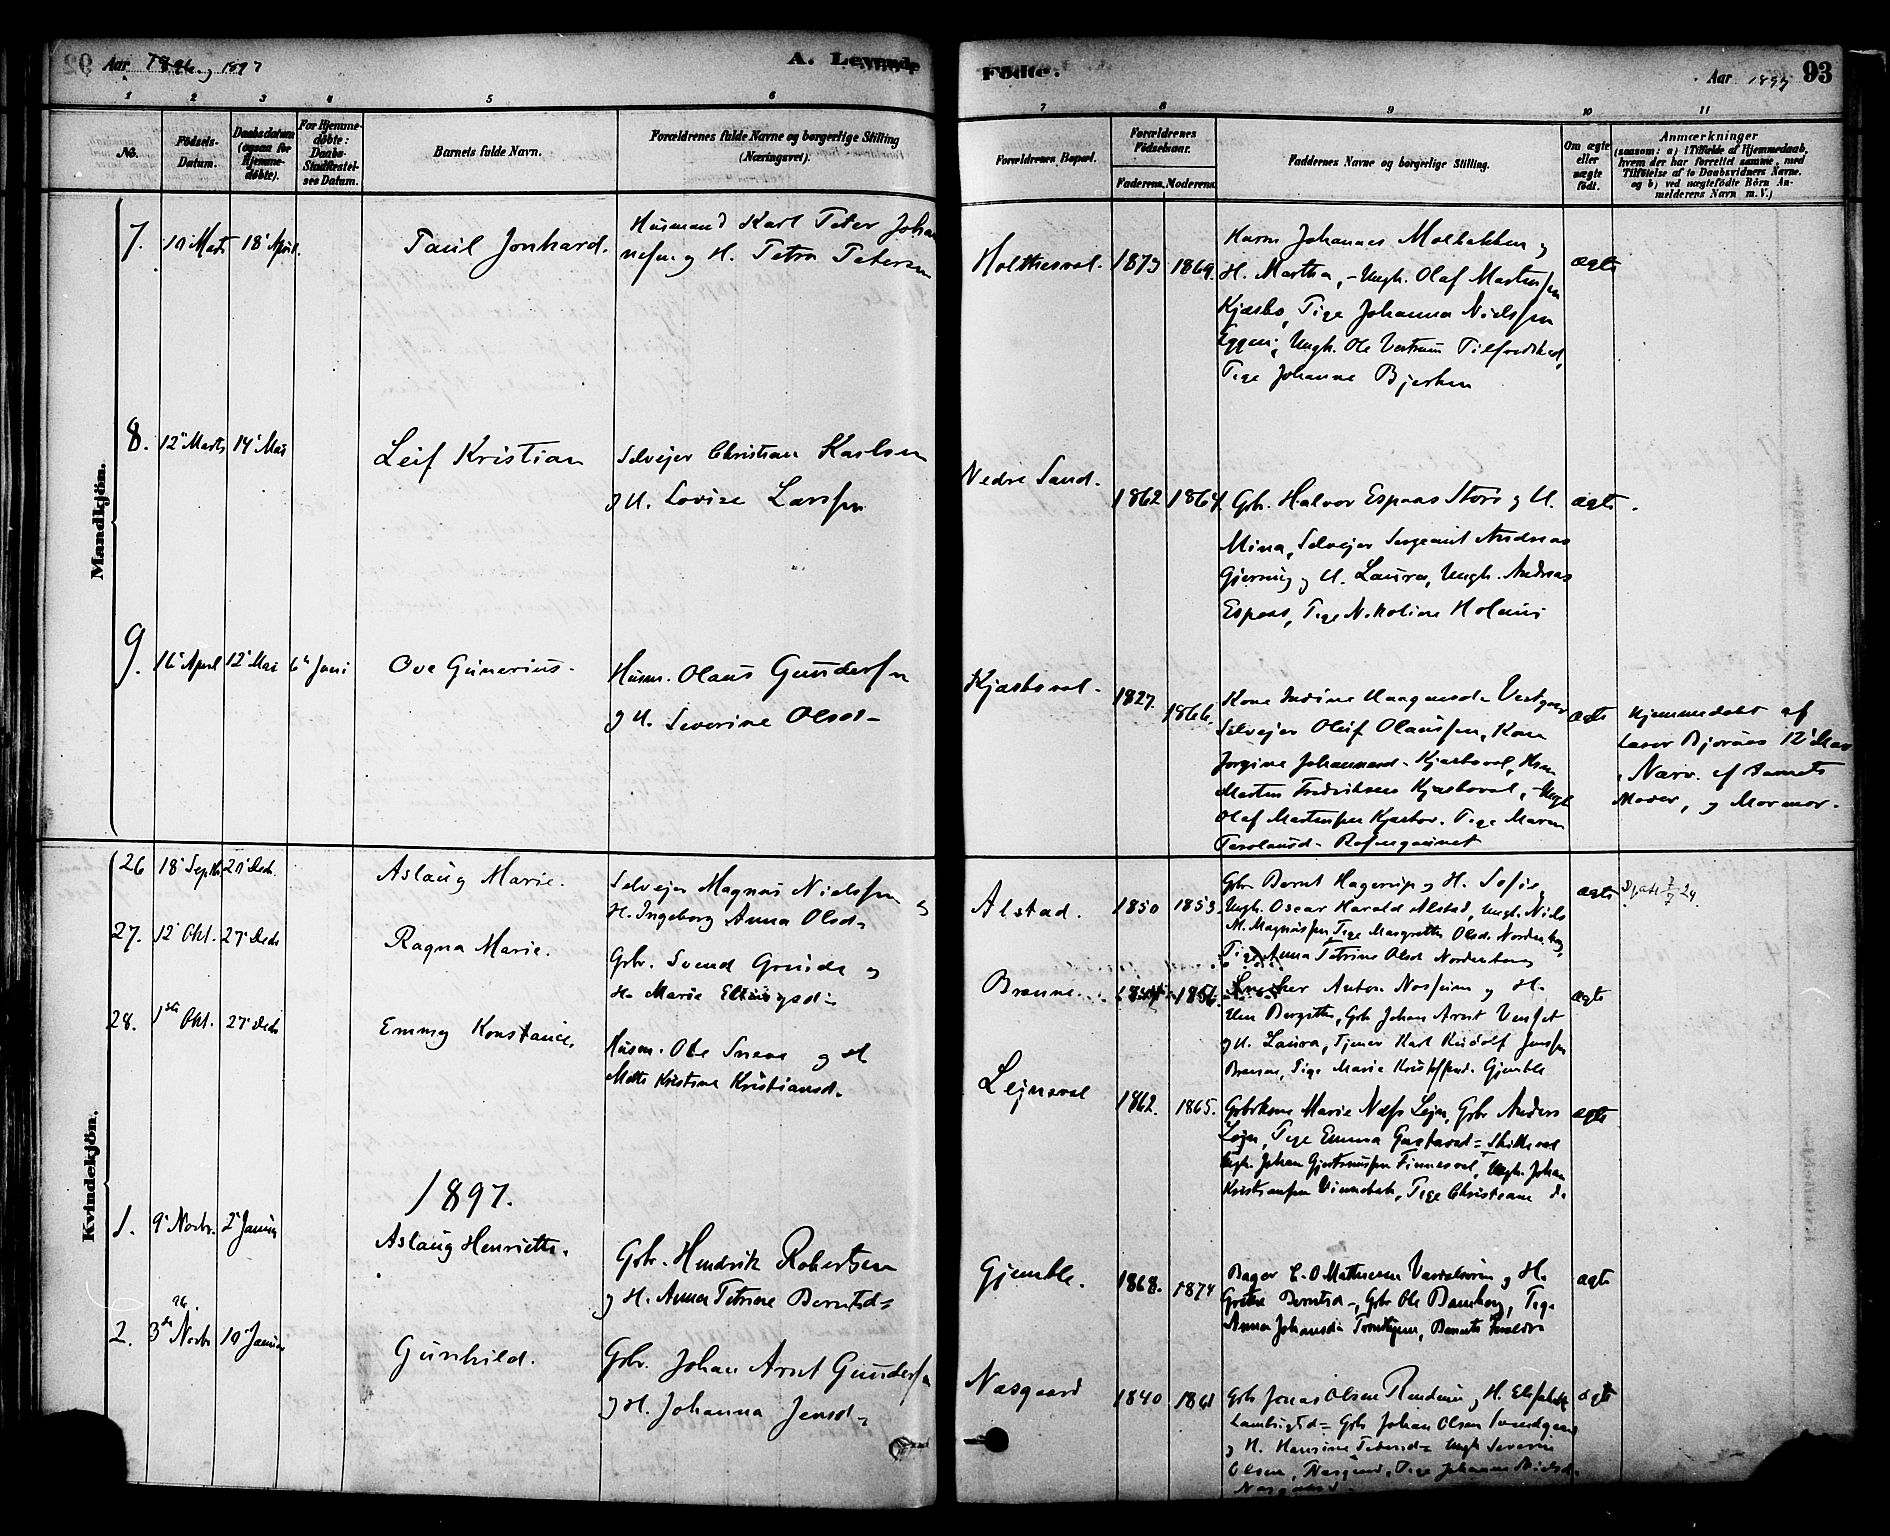 SAT, Ministerialprotokoller, klokkerbøker og fødselsregistre - Nord-Trøndelag, 717/L0159: Ministerialbok nr. 717A09, 1878-1898, s. 93